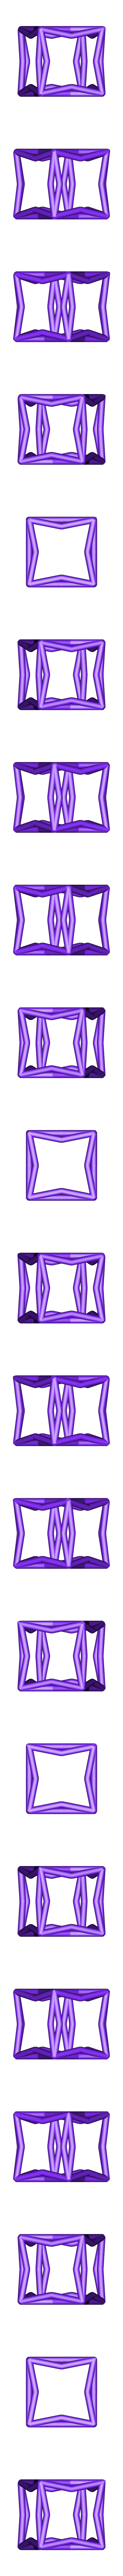 A1_8.stl Télécharger fichier STL gratuit Cellules de l'unité auxiliaire • Objet imprimable en 3D, sjpiper145